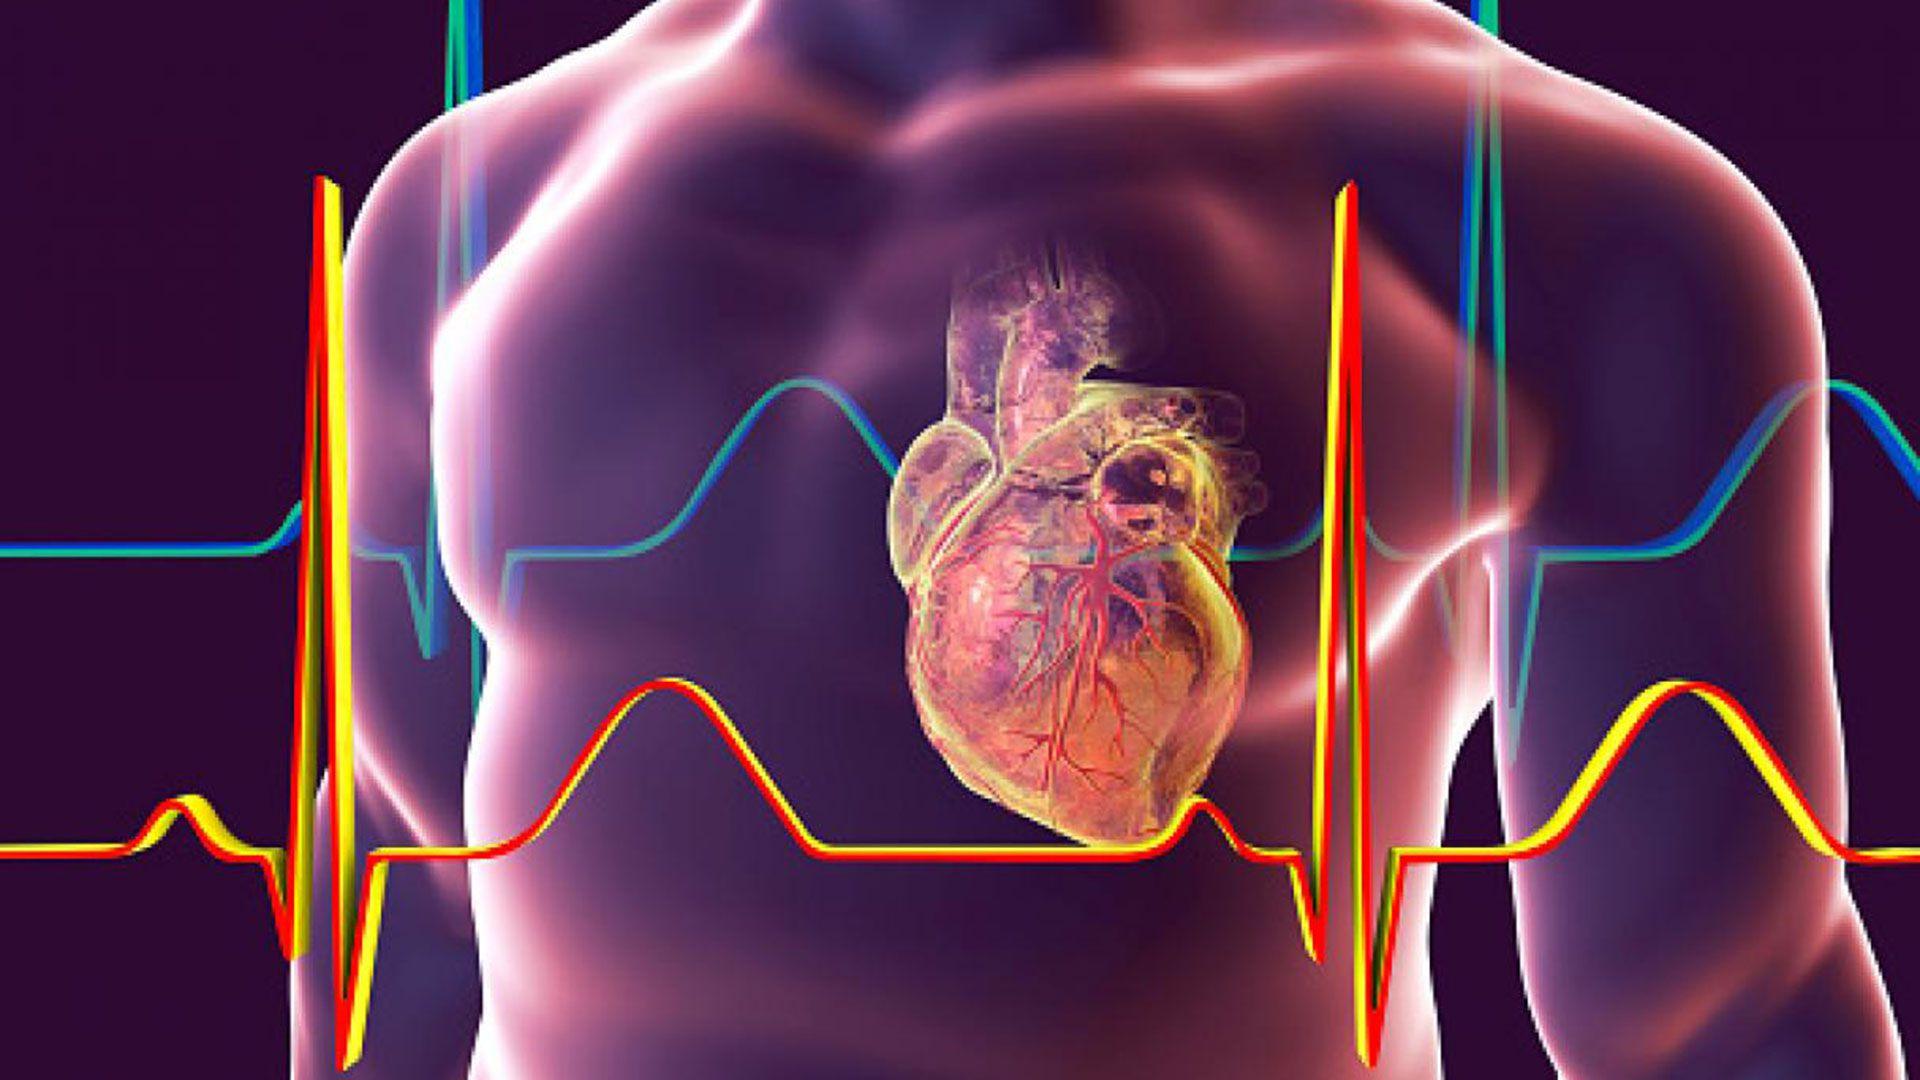 Pacientes hospitalizados sugieren que el COVID-19 afecta de manera objetiva el sistema cardiovascular